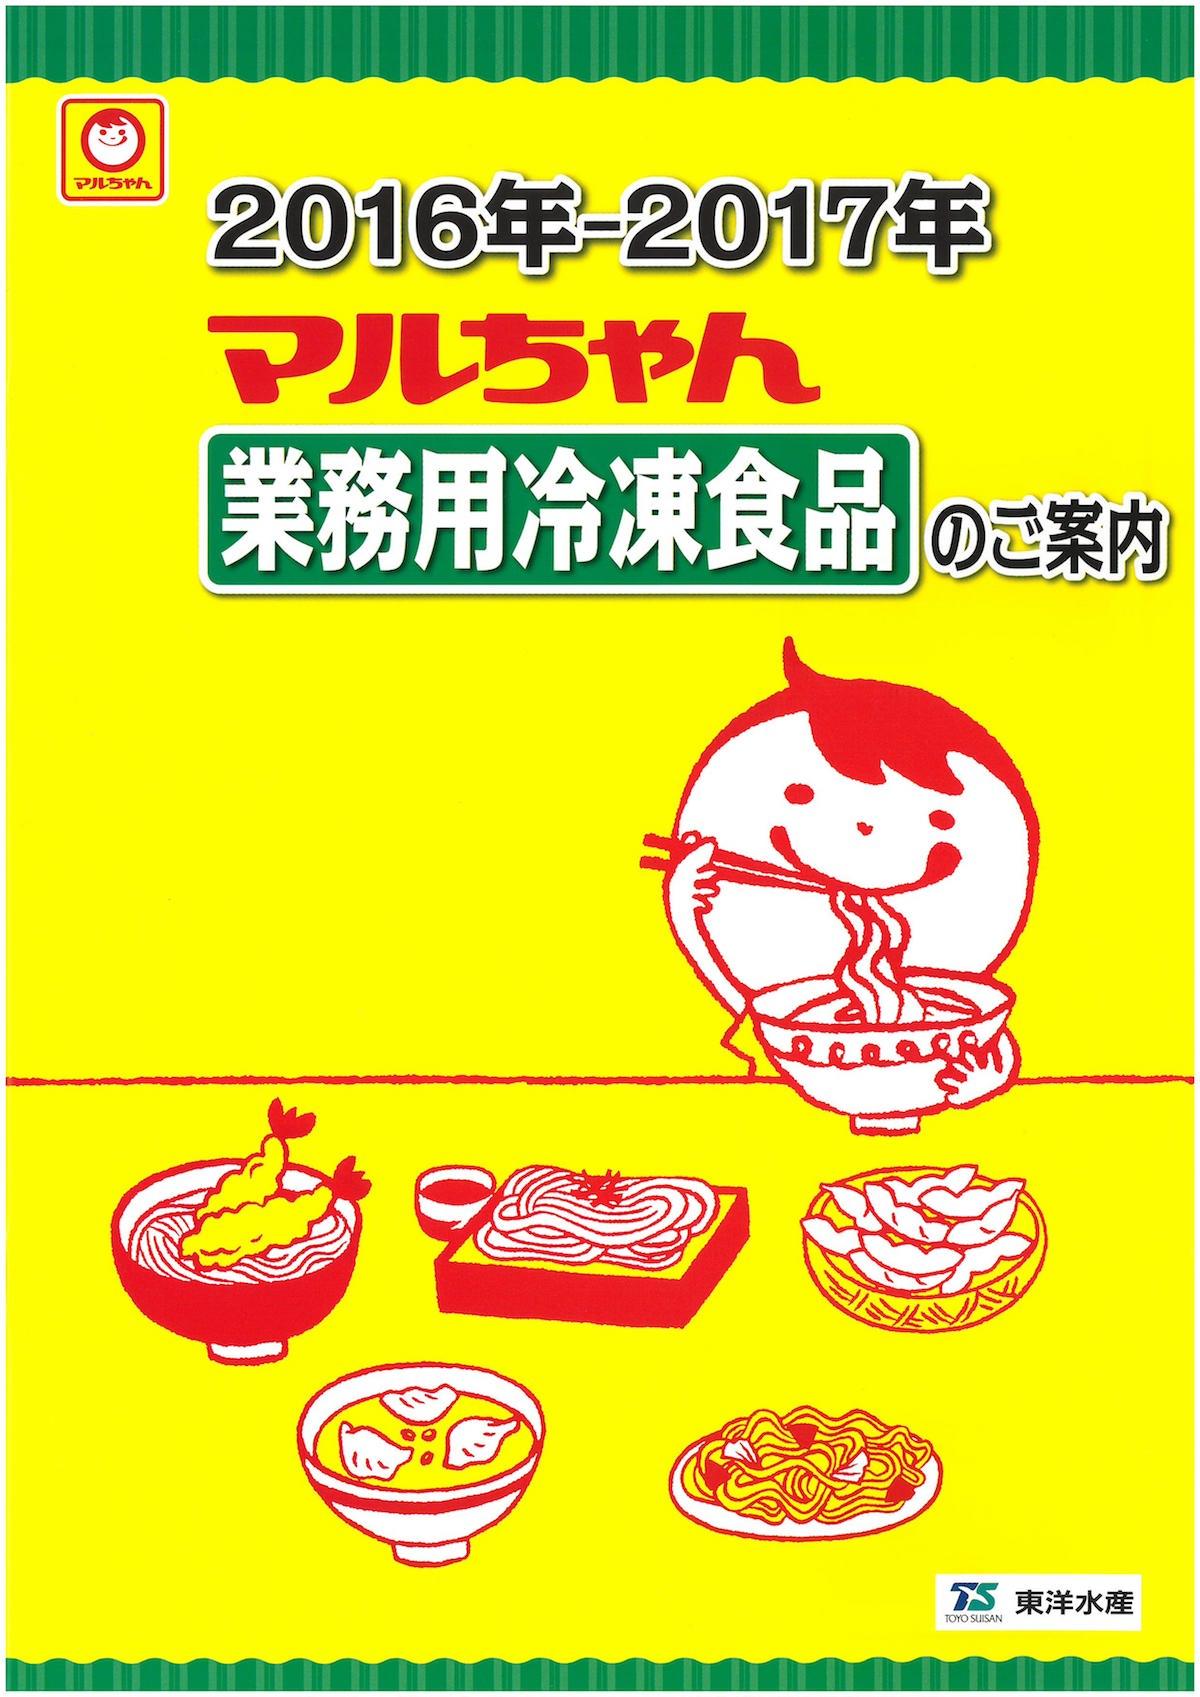 東洋水産 マルちゃん 業務用冷凍食品 2016年-2017年